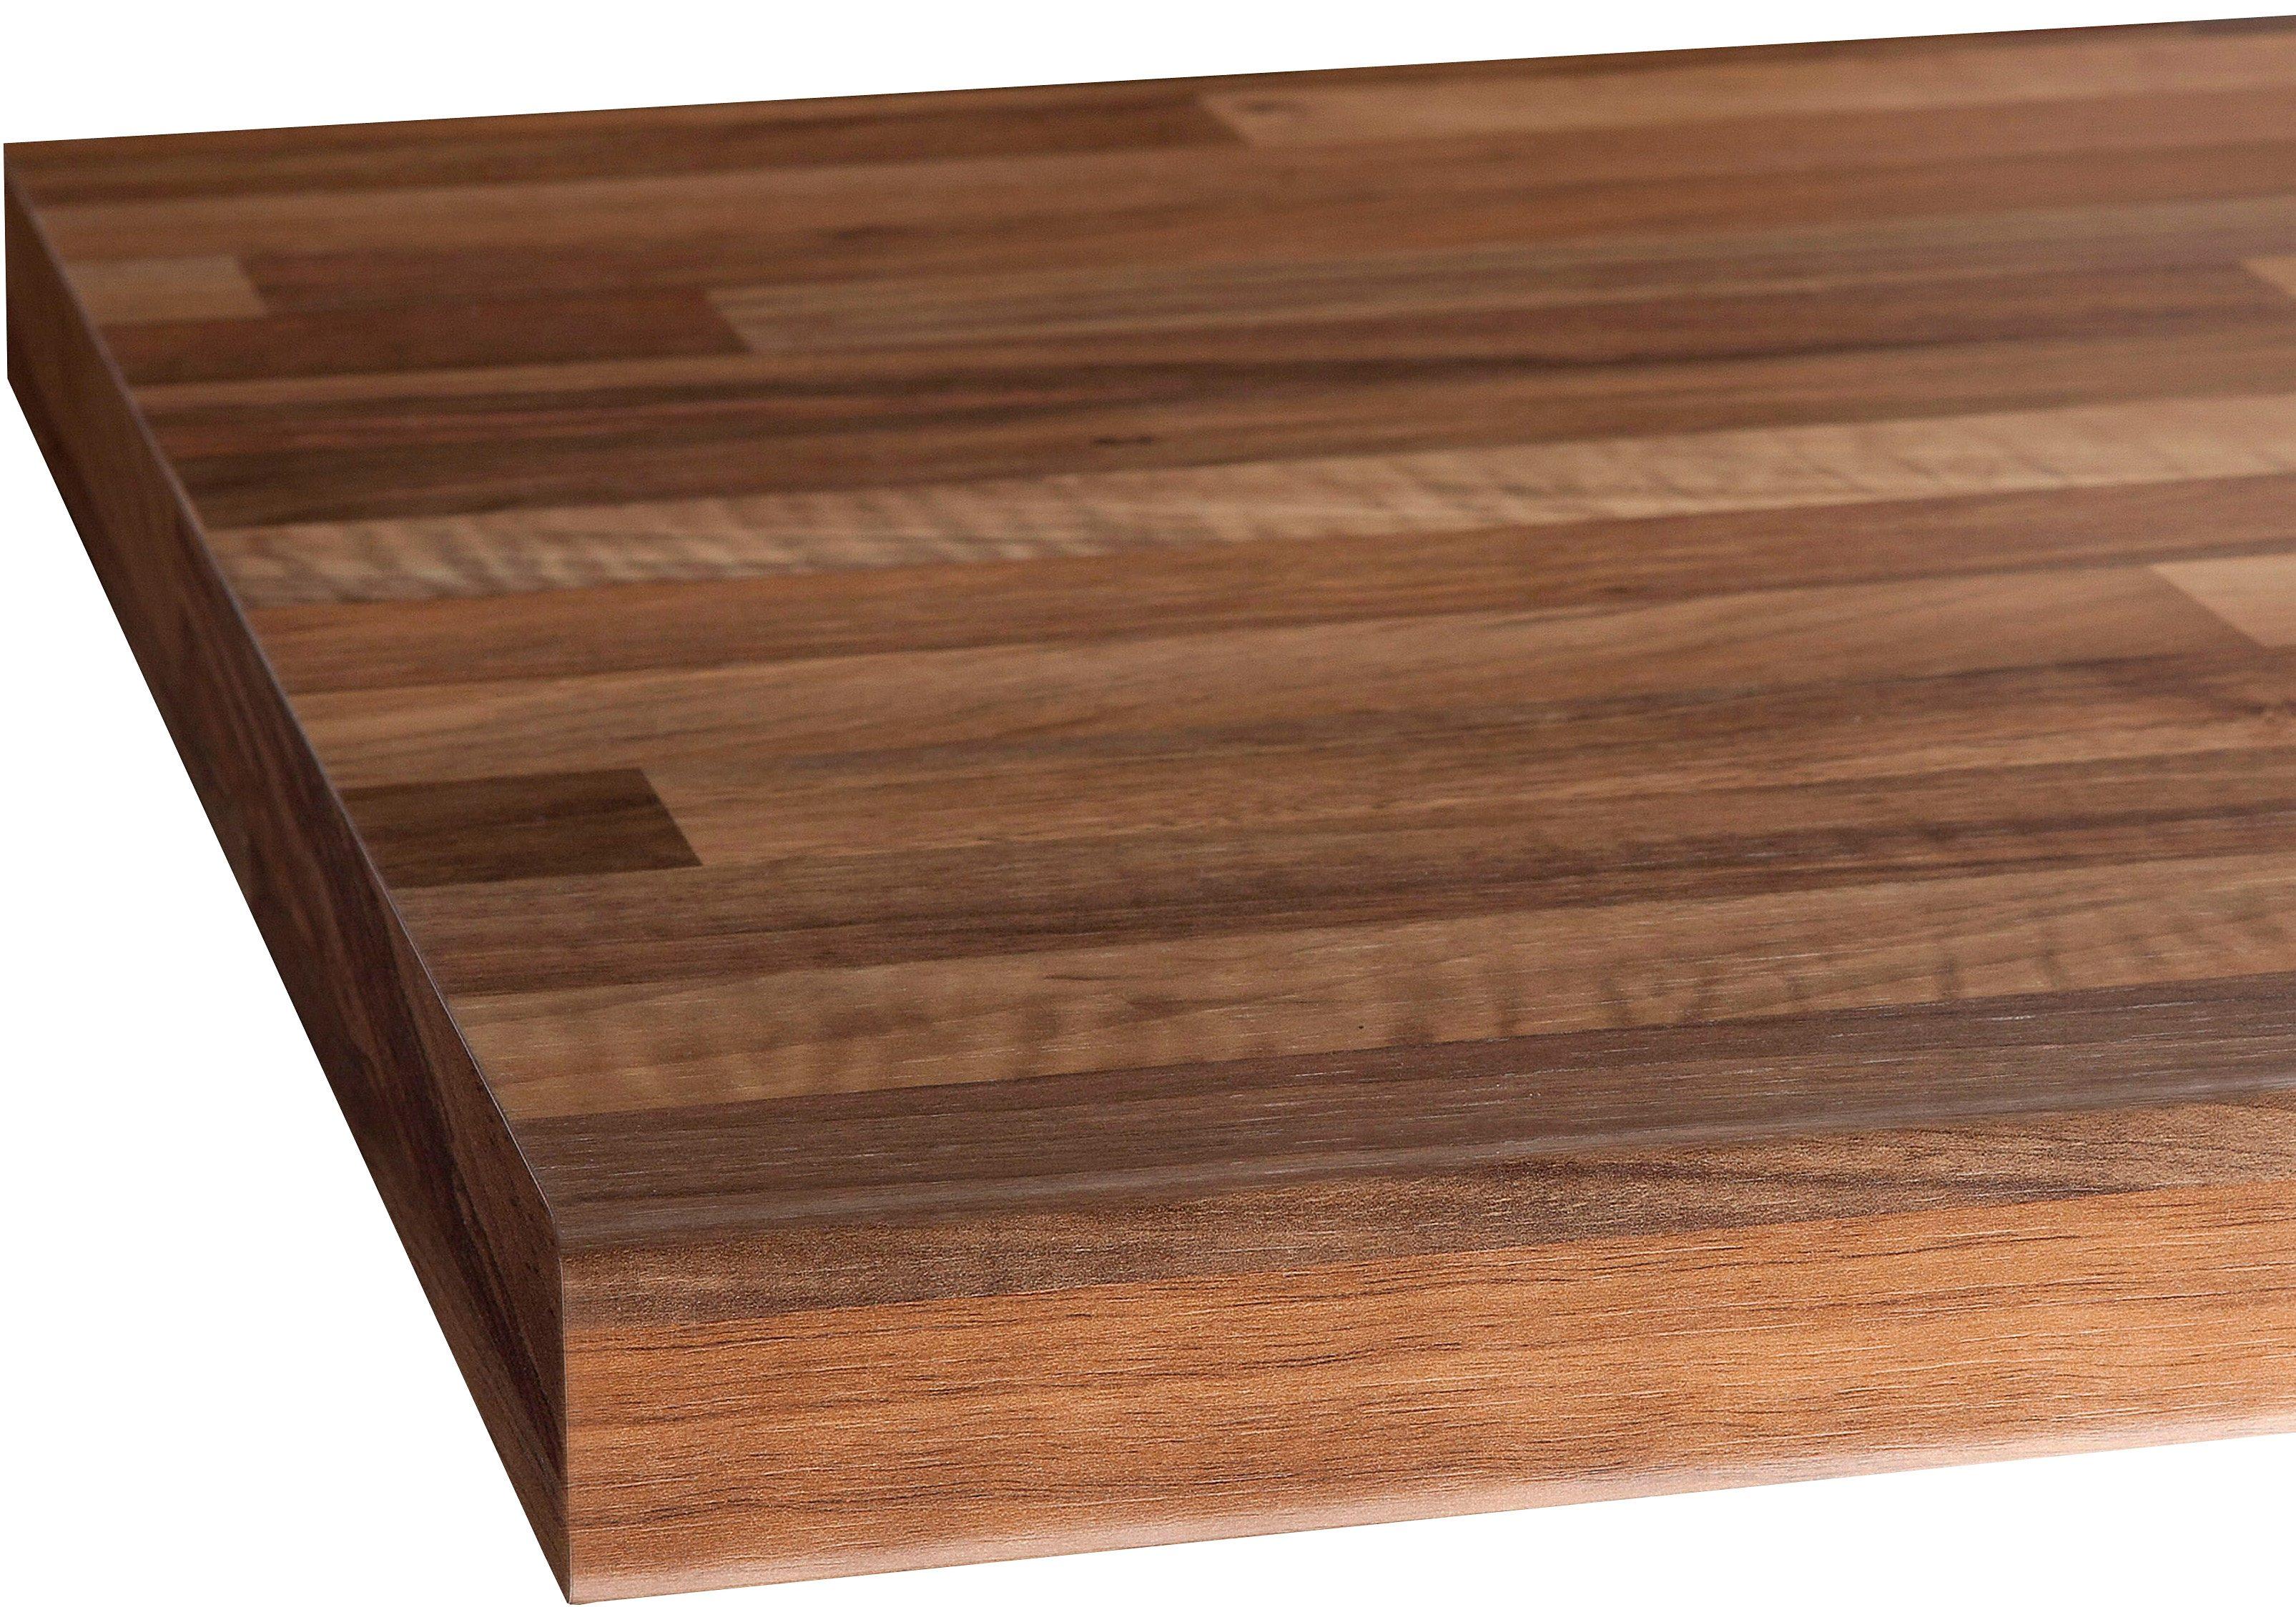 arbeitsplatte tiefe. Black Bedroom Furniture Sets. Home Design Ideas